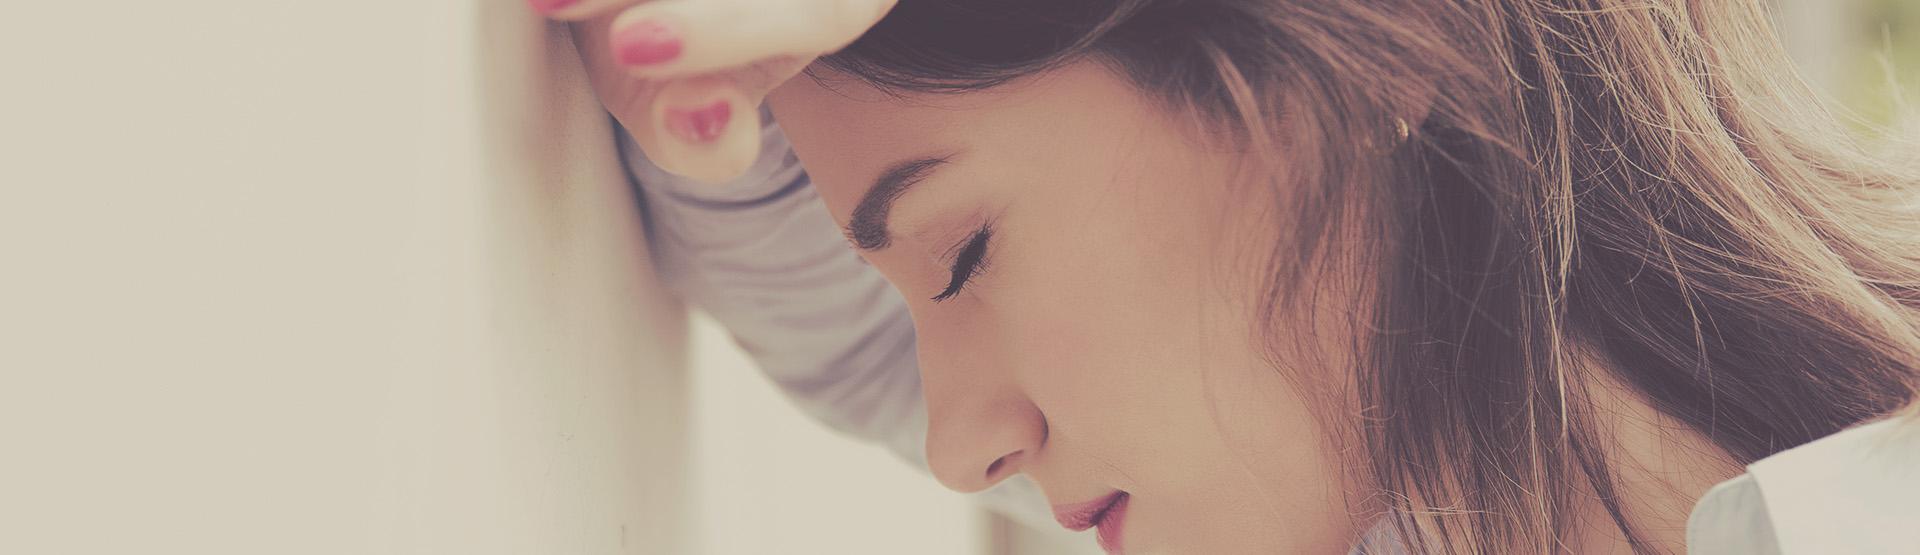 Estresse, ansiedade, depressão: dor pode causar?